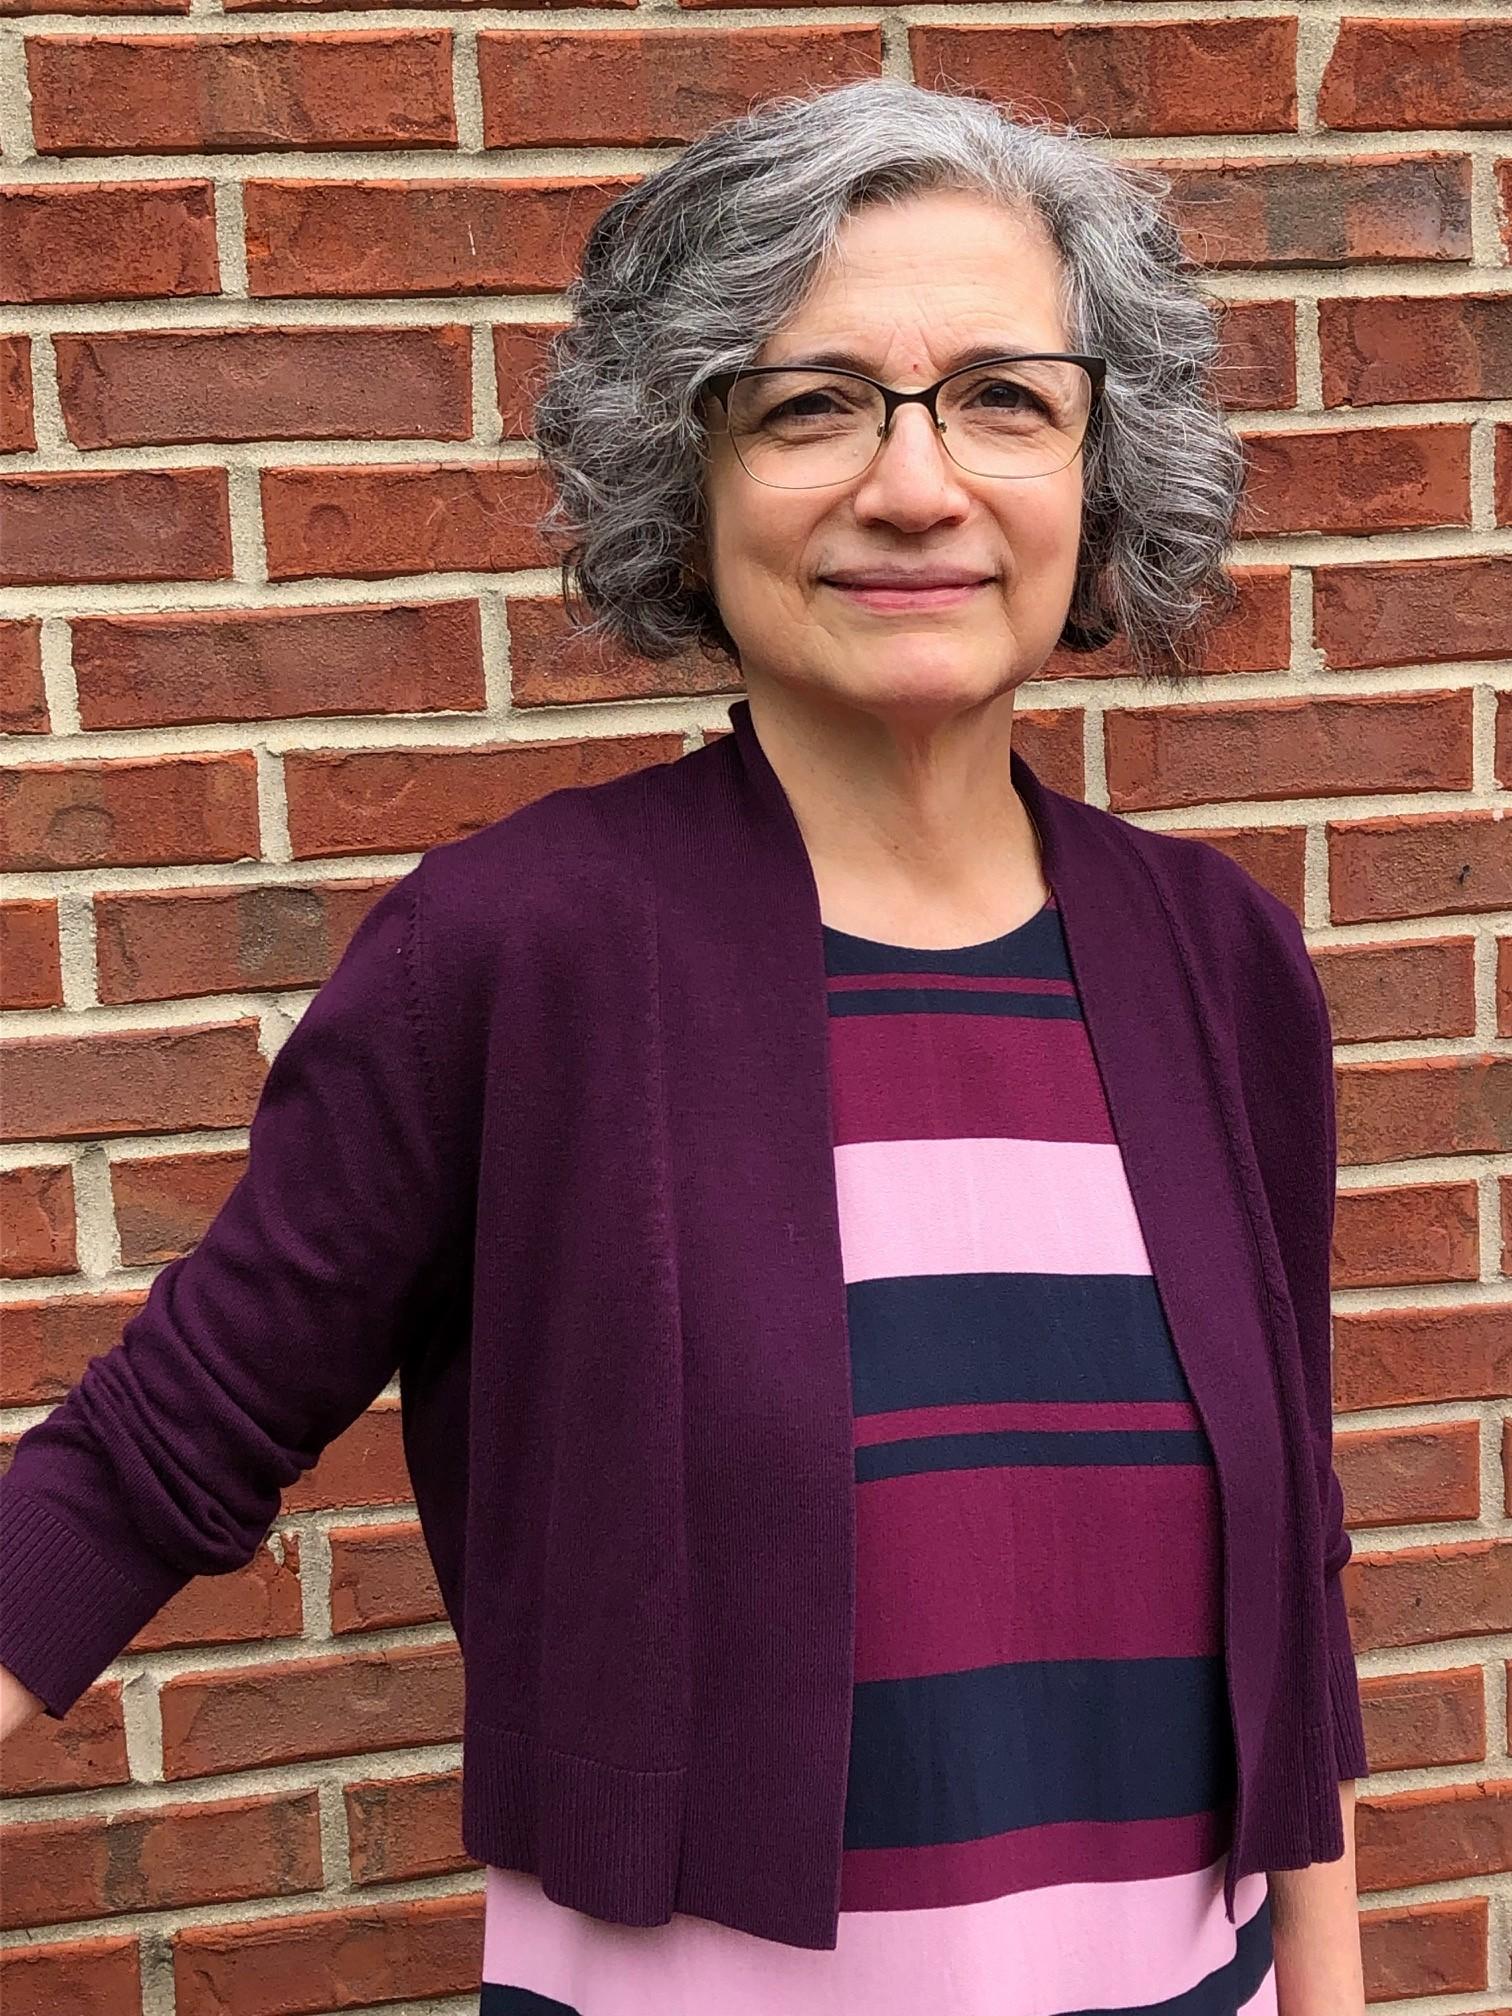 Jeannette Werle